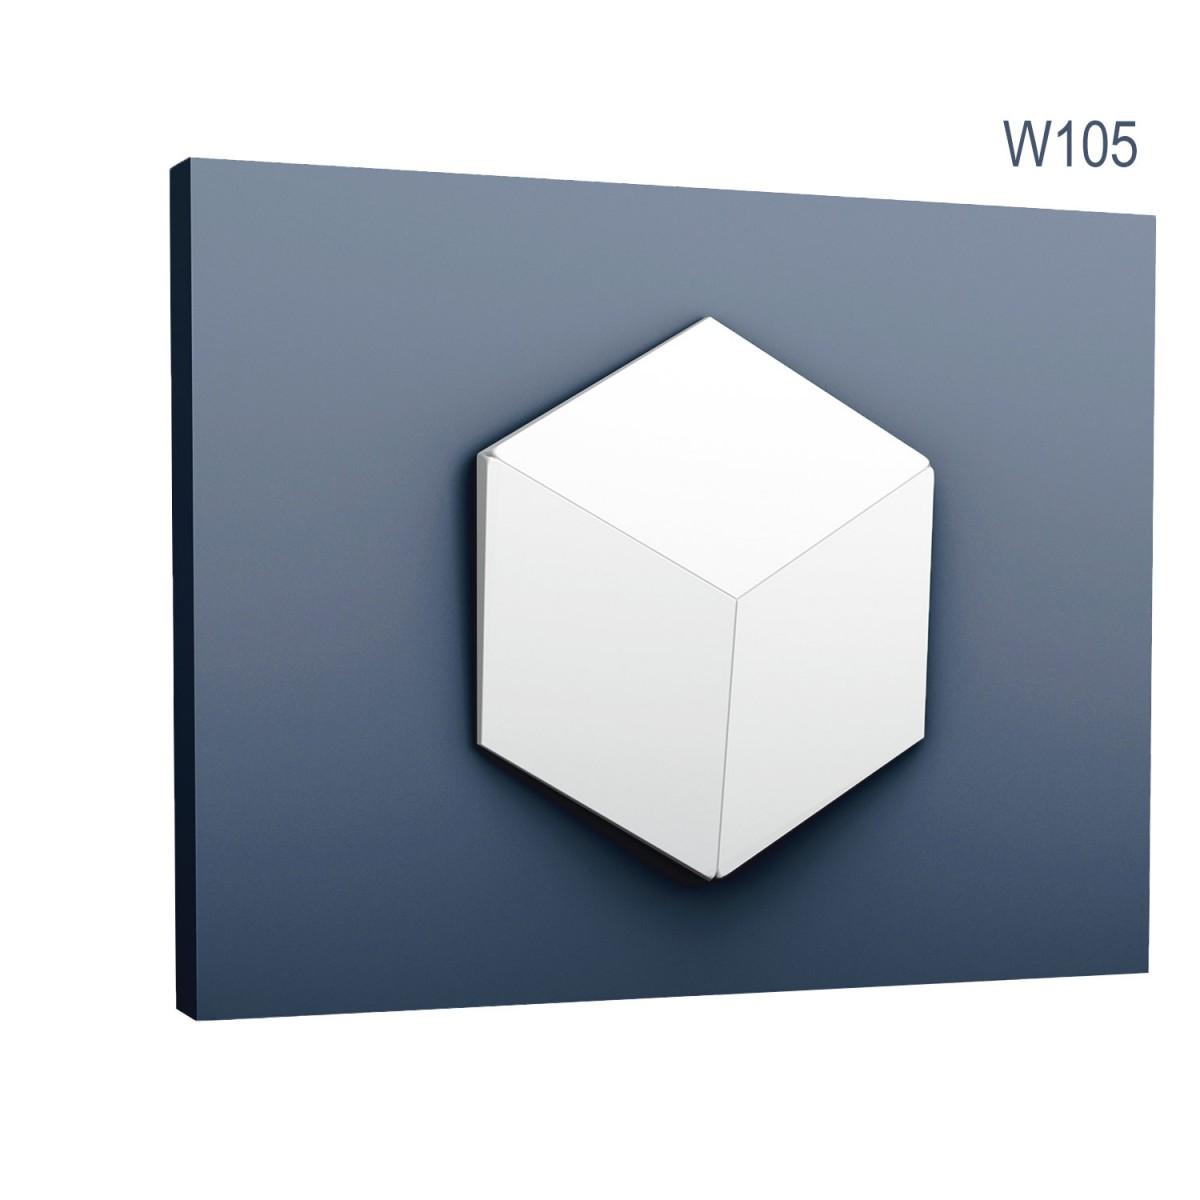 Panel Modern W105, Dimensiuni: 30 X 34.6 X 3 cm, Orac Decor